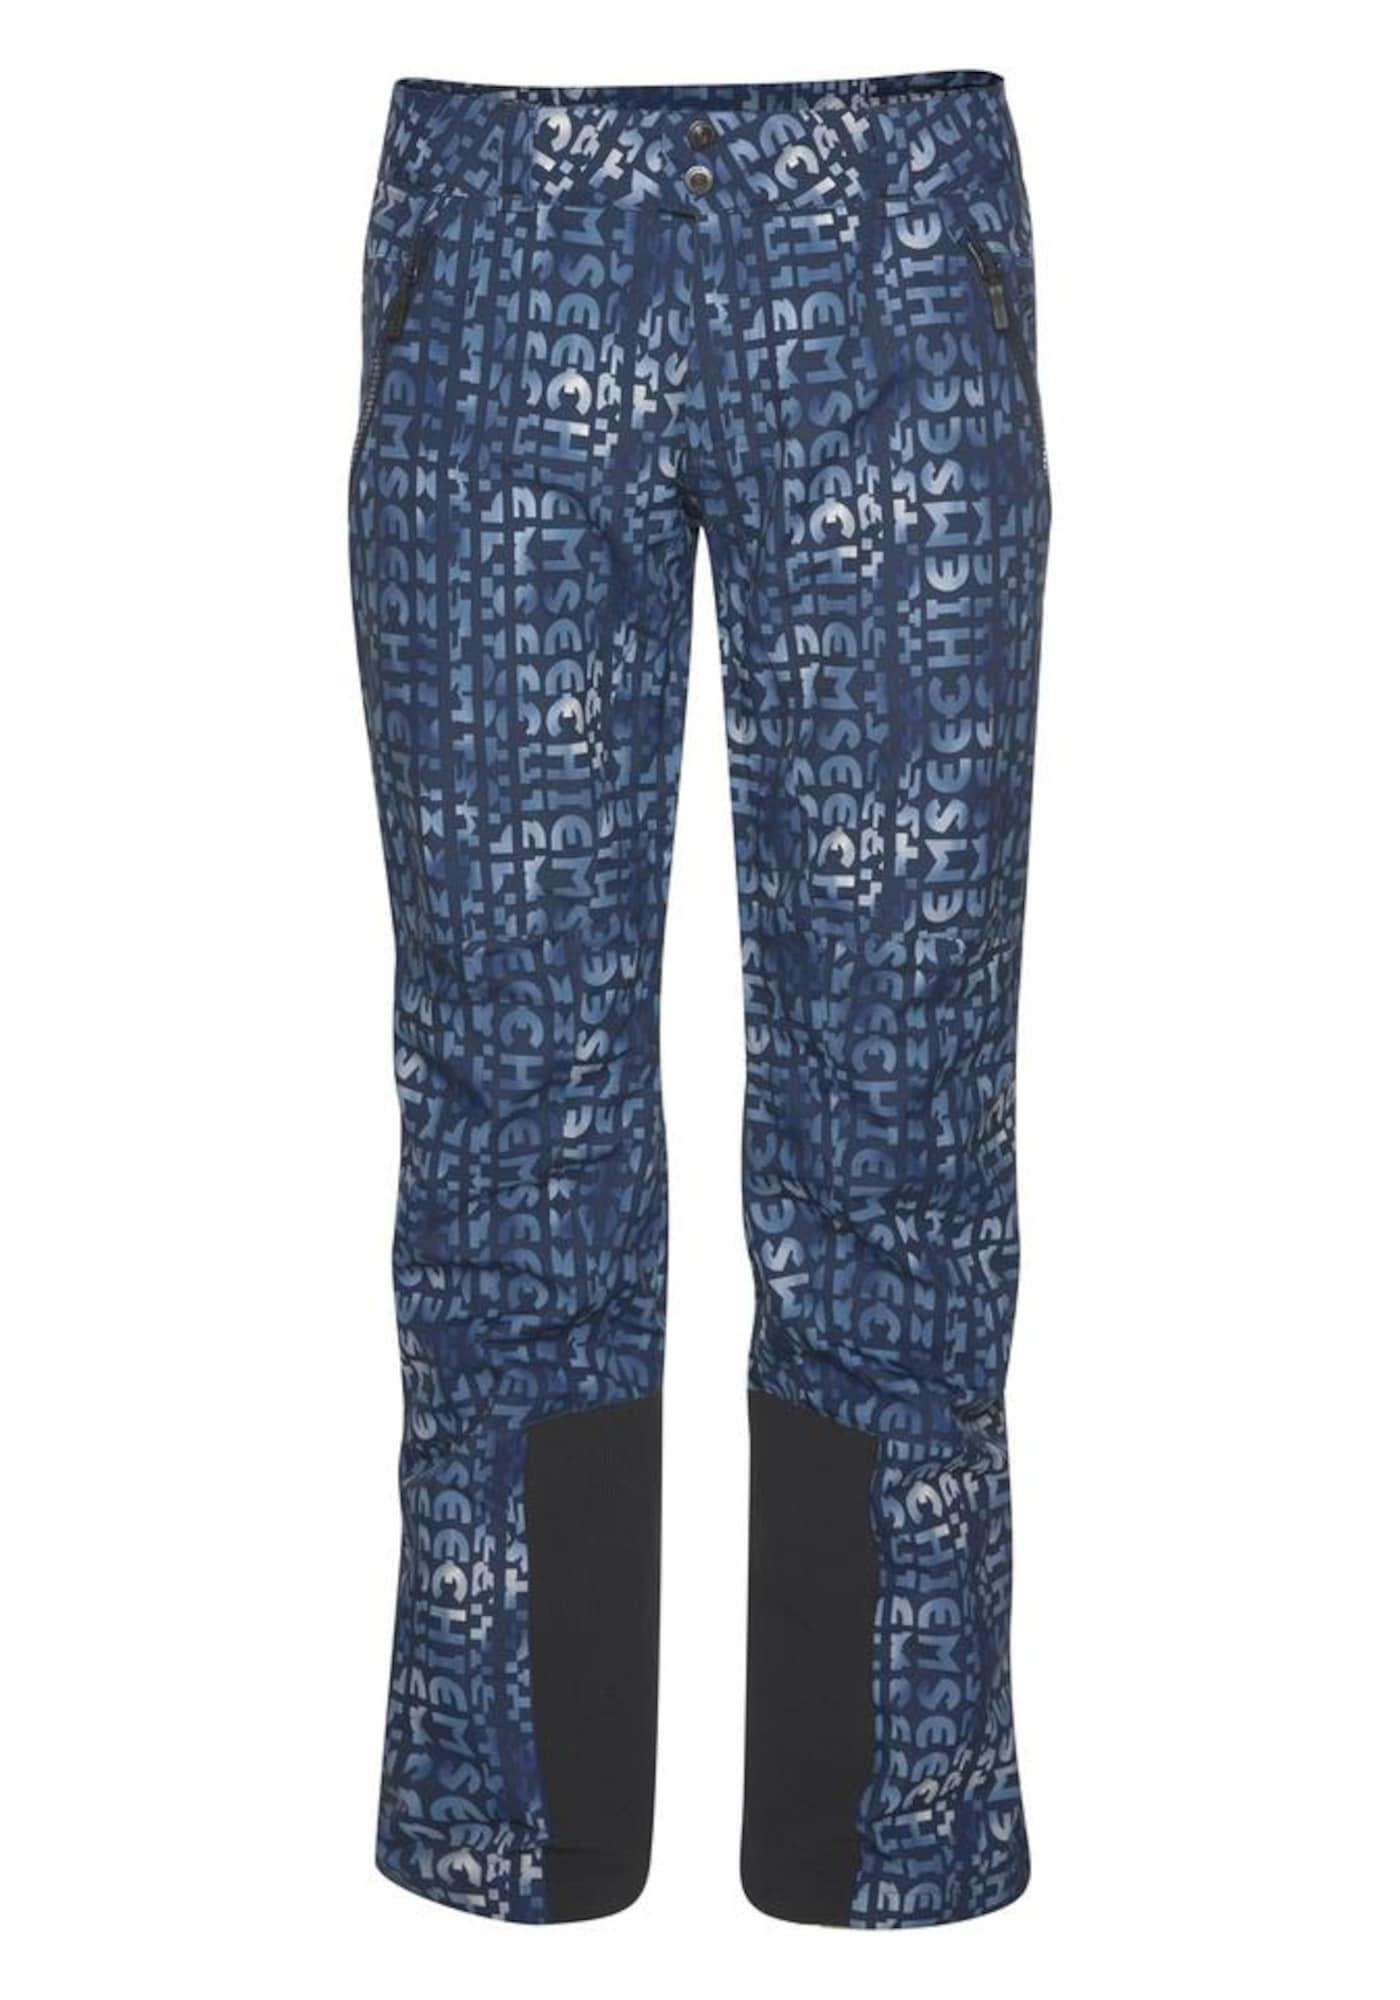 CHIEMSEE Sportovní kalhoty  marine modrá / mix barev